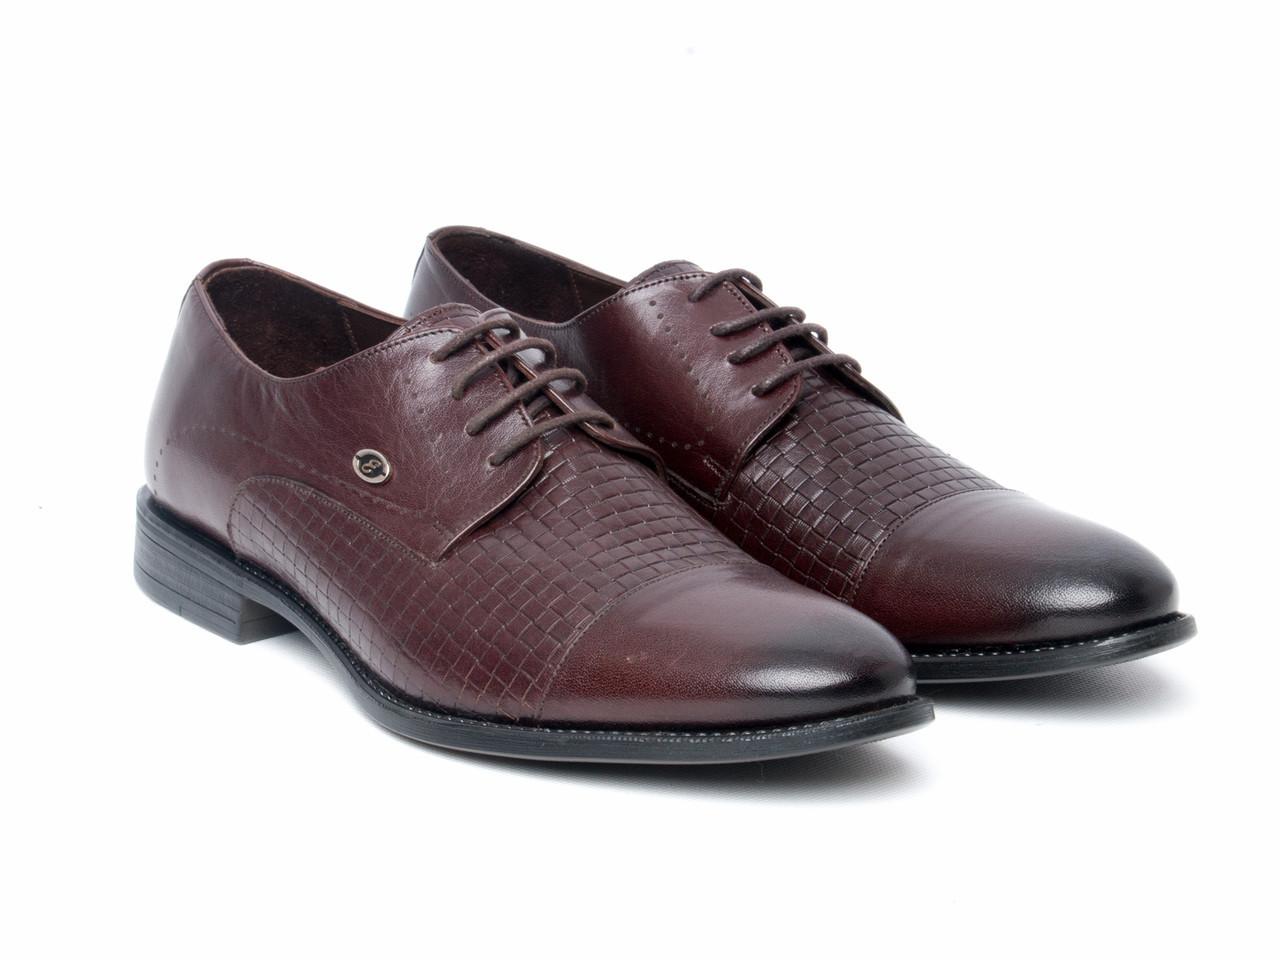 Туфли Etor 13665-7257-363-163 45 коричневые